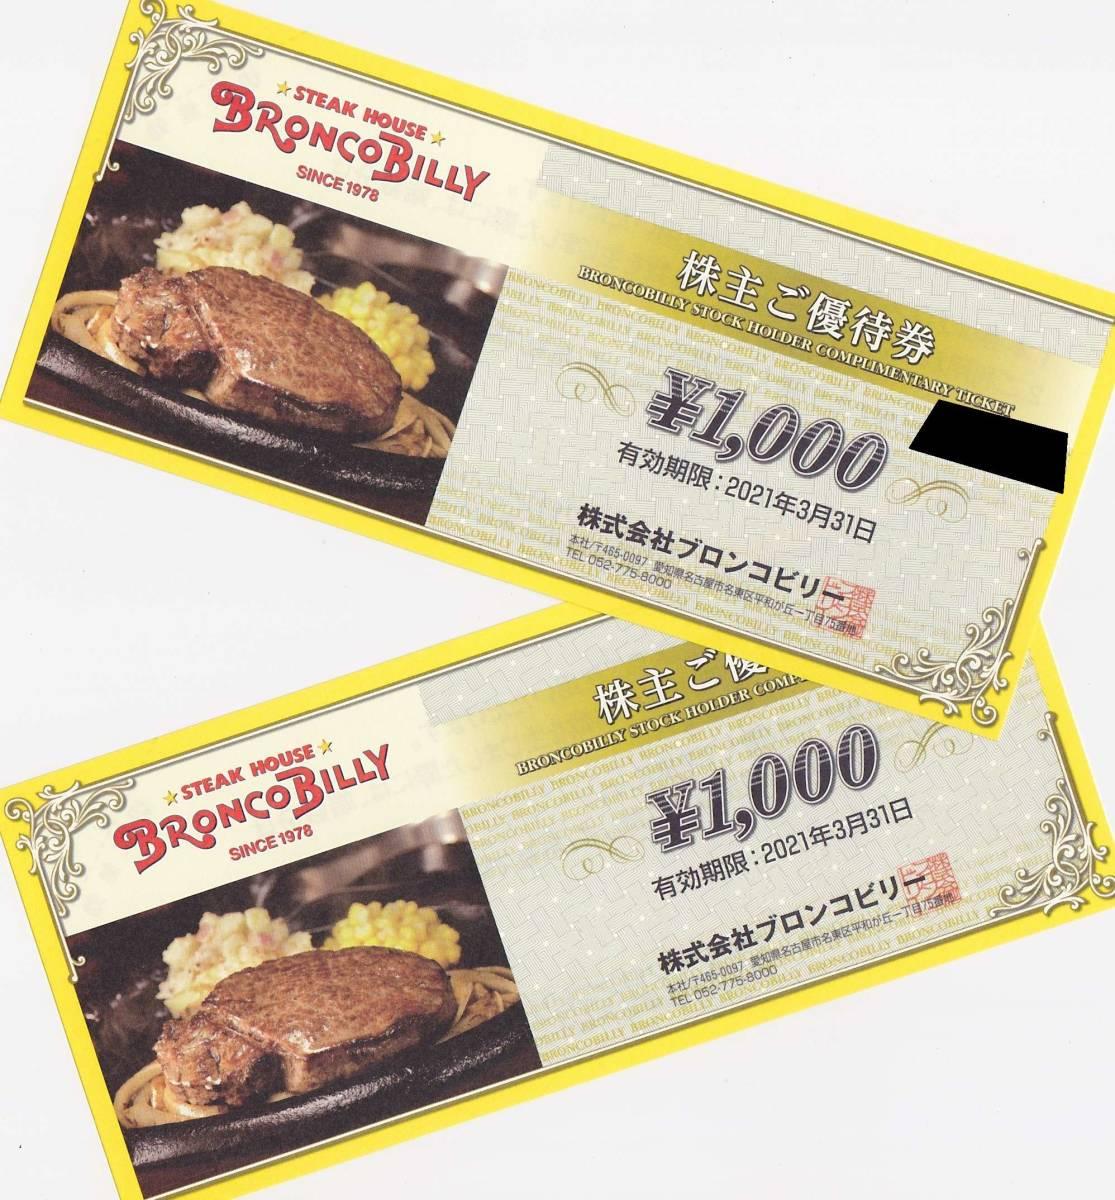 最新2021.3.31迄 ブロンコビリー 株主優待券 1000円券×2枚=2000円分_画像1